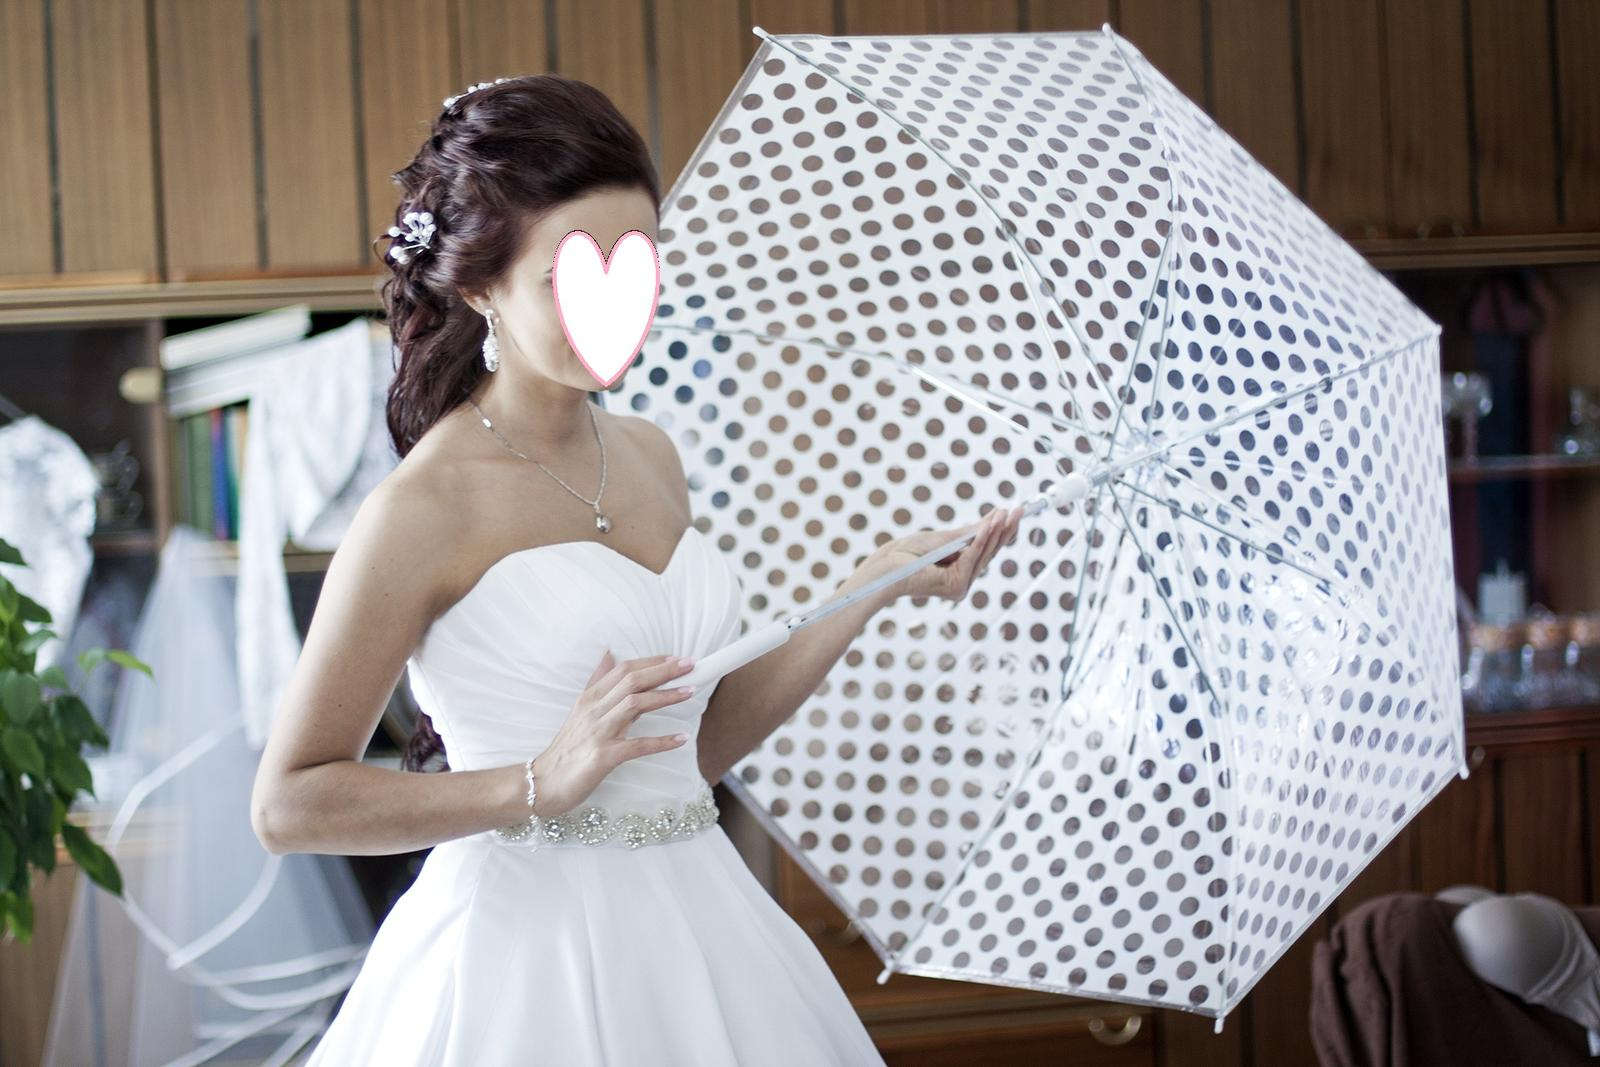 Dazdnik biely svadobny  - Obrázok č. 1